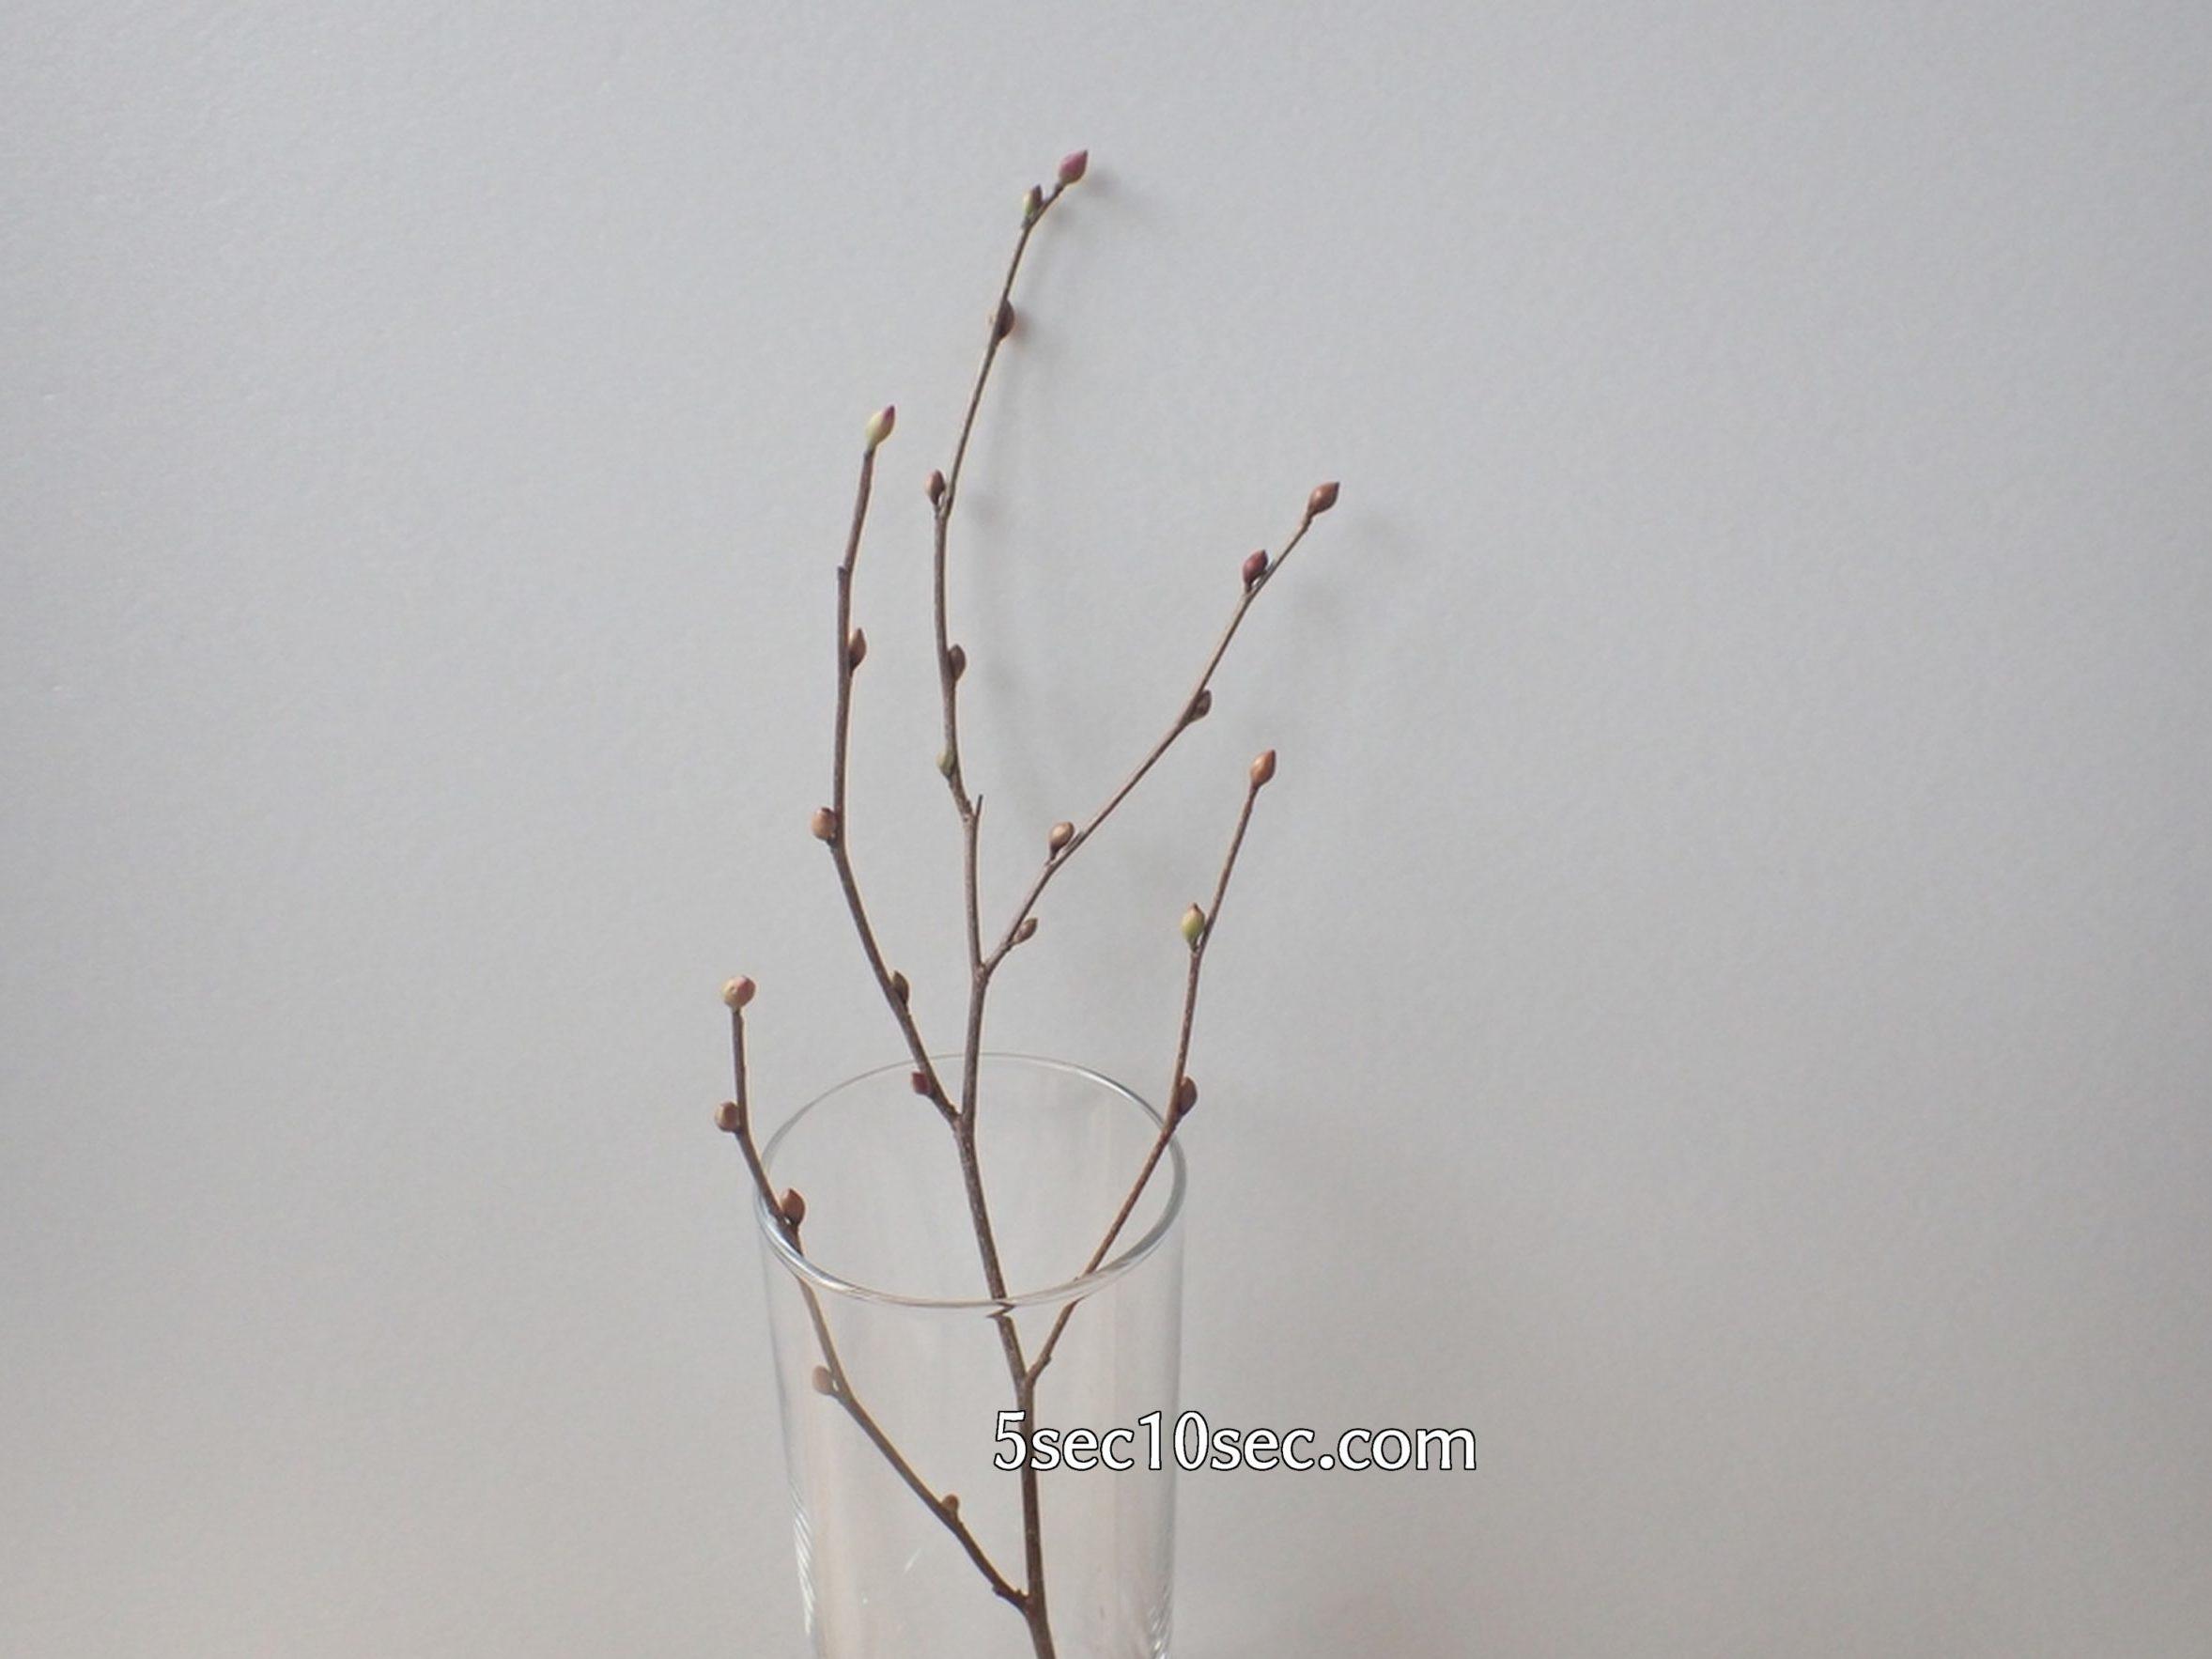 株式会社Crunch Style お花の定期便 Bloomee LIFE ブルーミーライフ レギュラープラン 姫水木